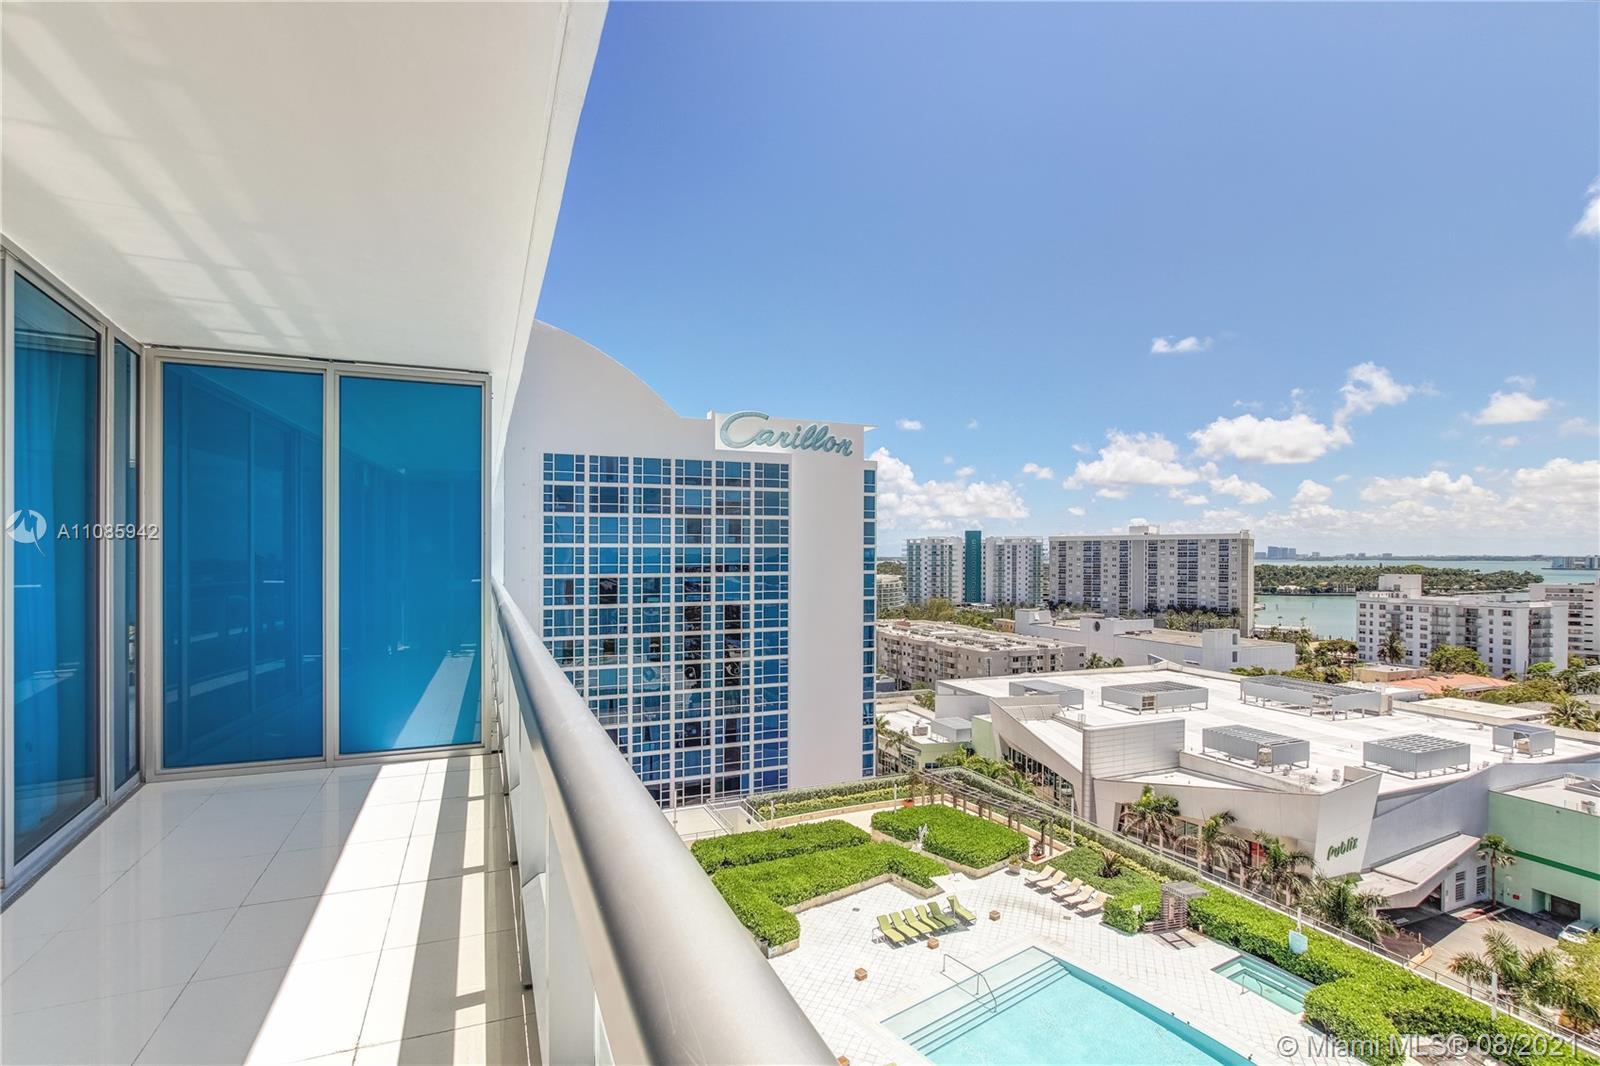 6899 Collins Ave Unit 1203, Miami Beach, Florida 33141